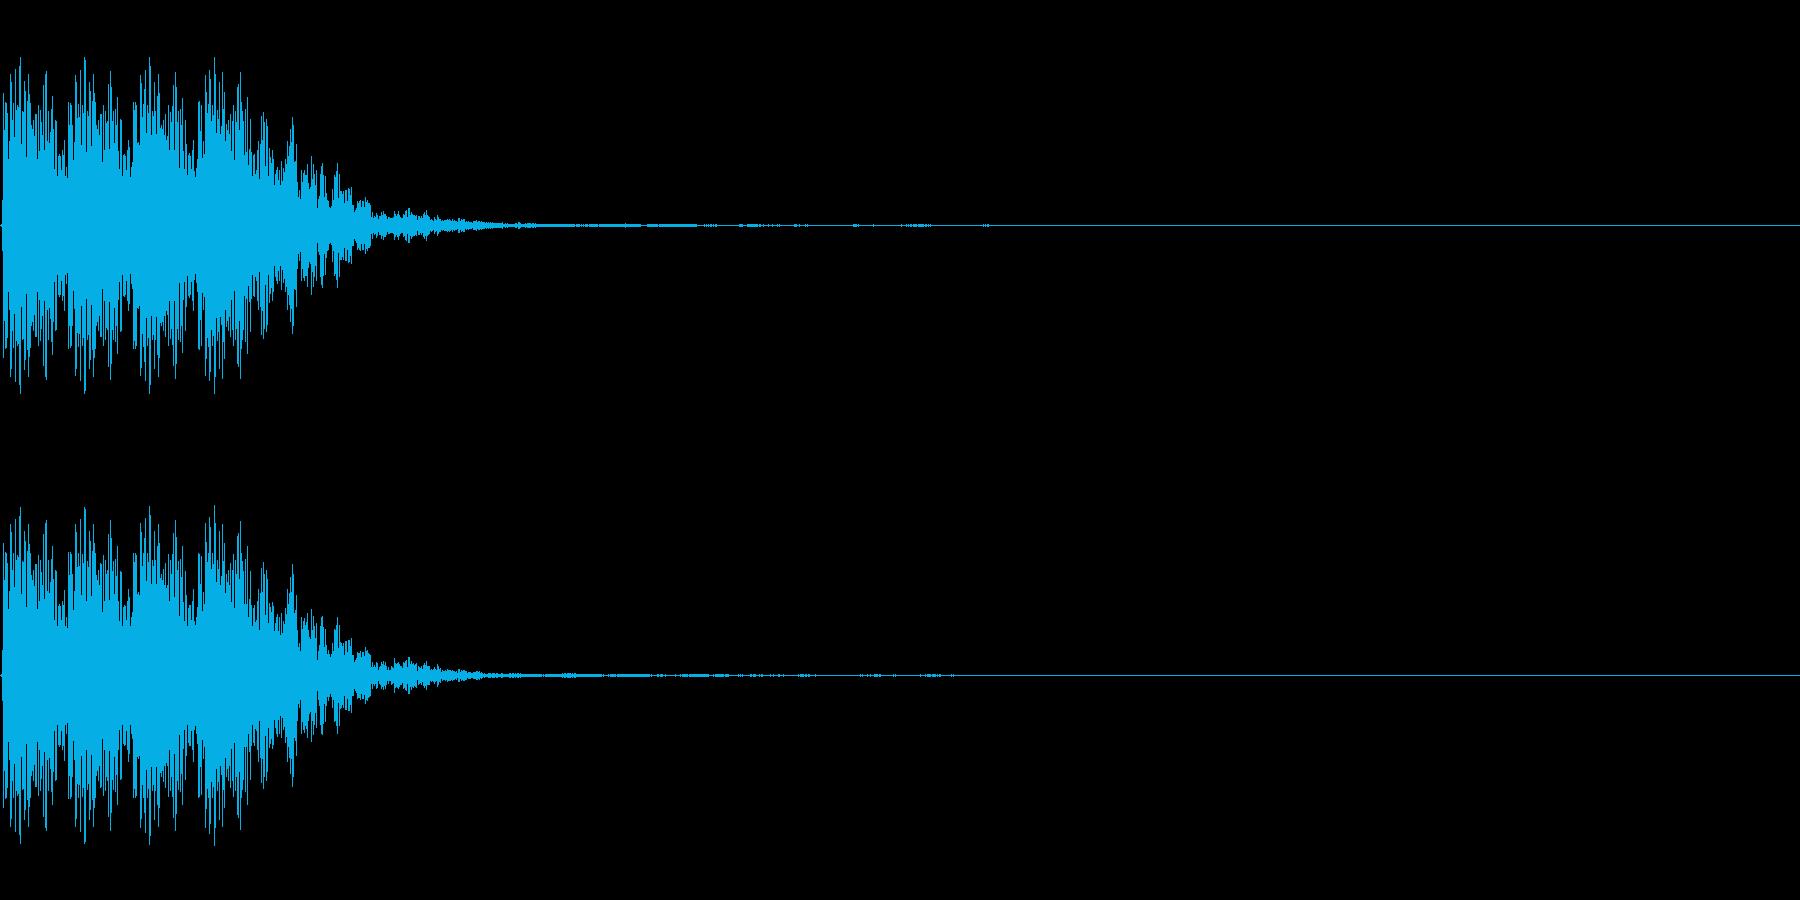 連打 チョップ ツッコミ キック の再生済みの波形